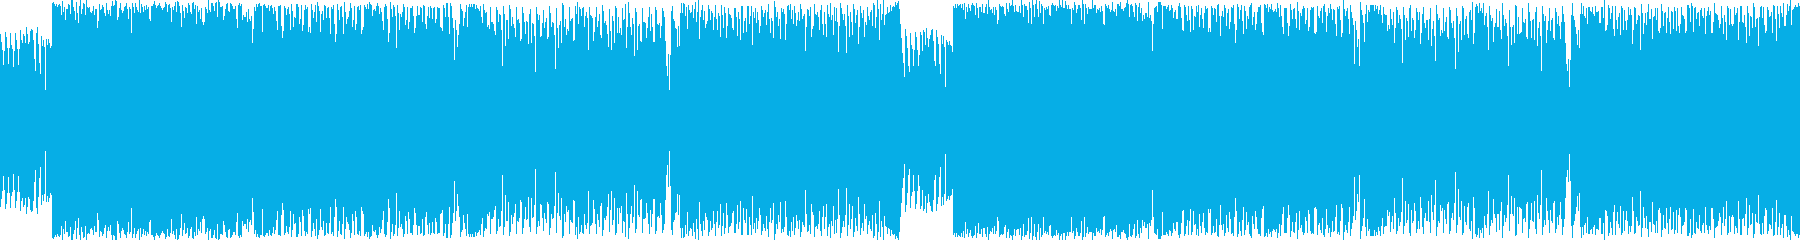 ジュリアナ系ハイパーテクノレイブ(サビ頭の再生済みの波形